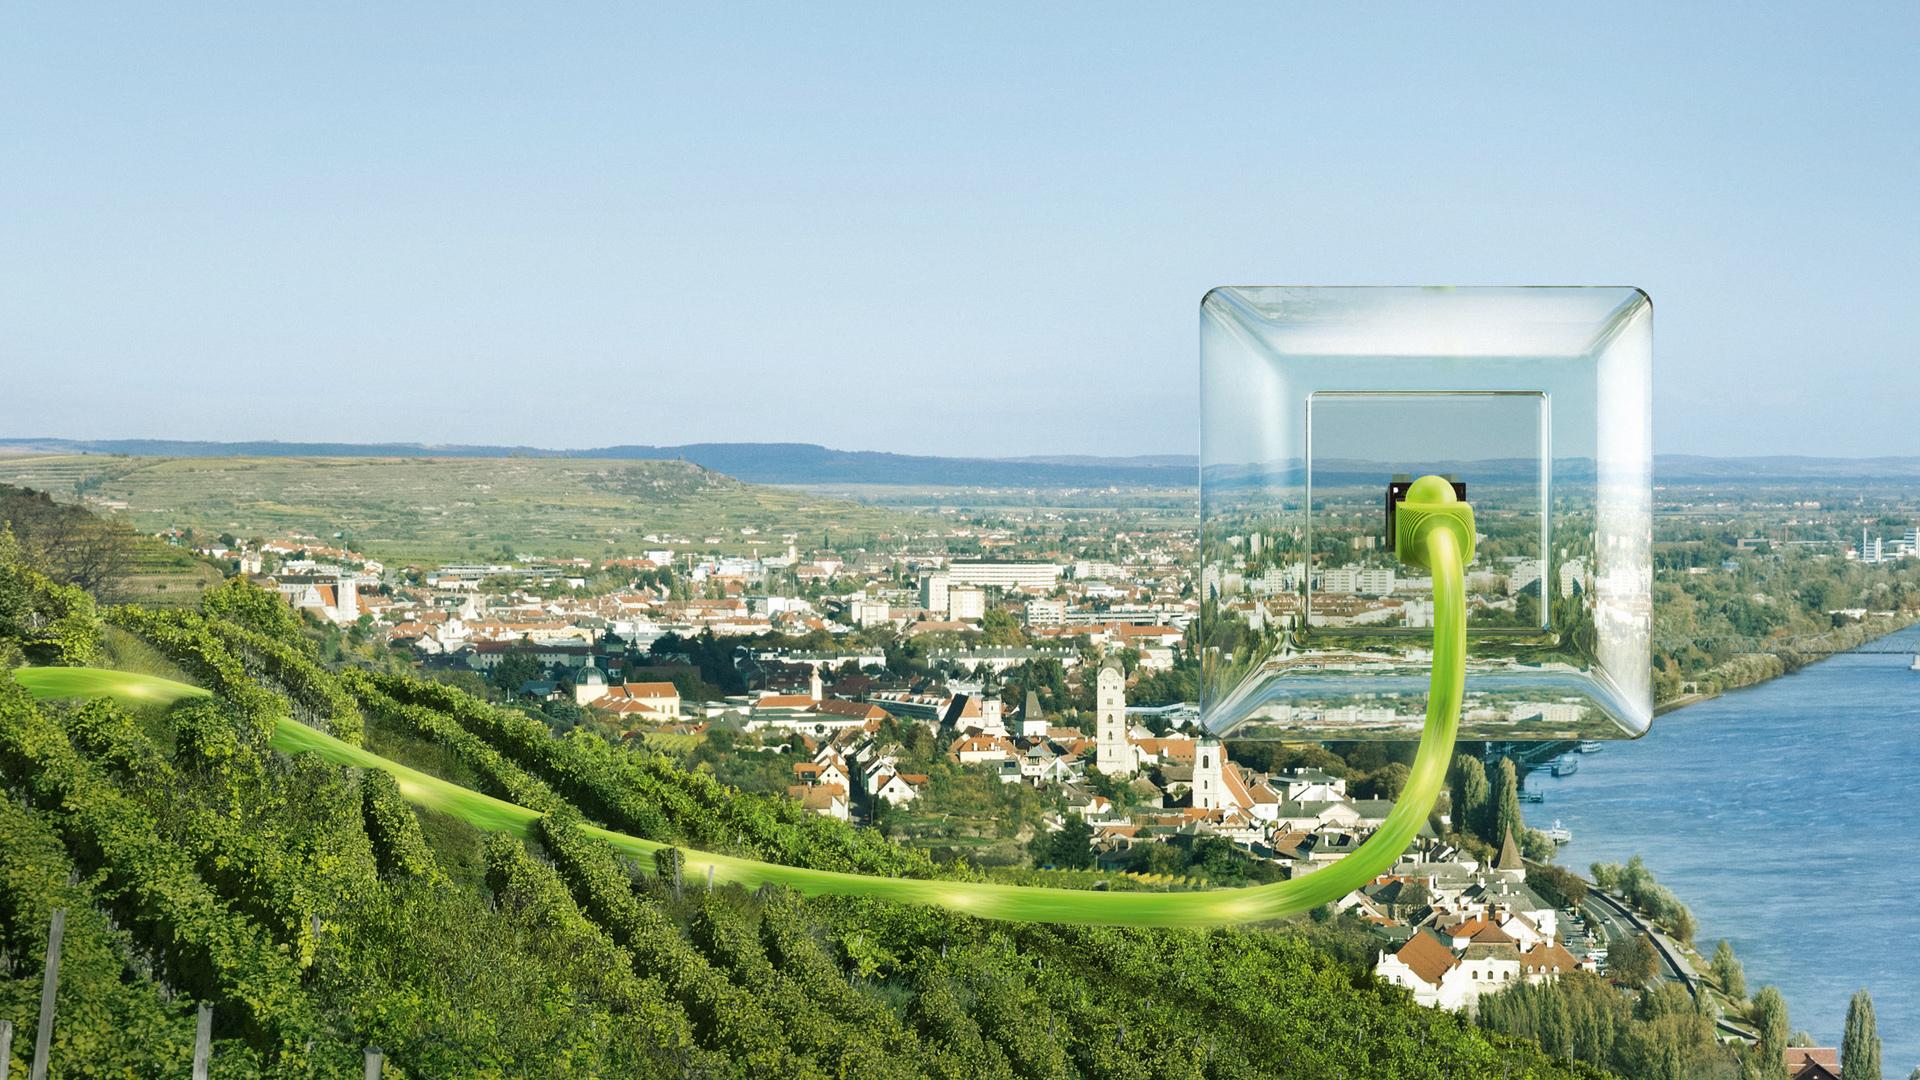 durchsichtige Steckdose mit einem grünen LAN-Kabel, das in das Stadtpanorama von Krems ragt.